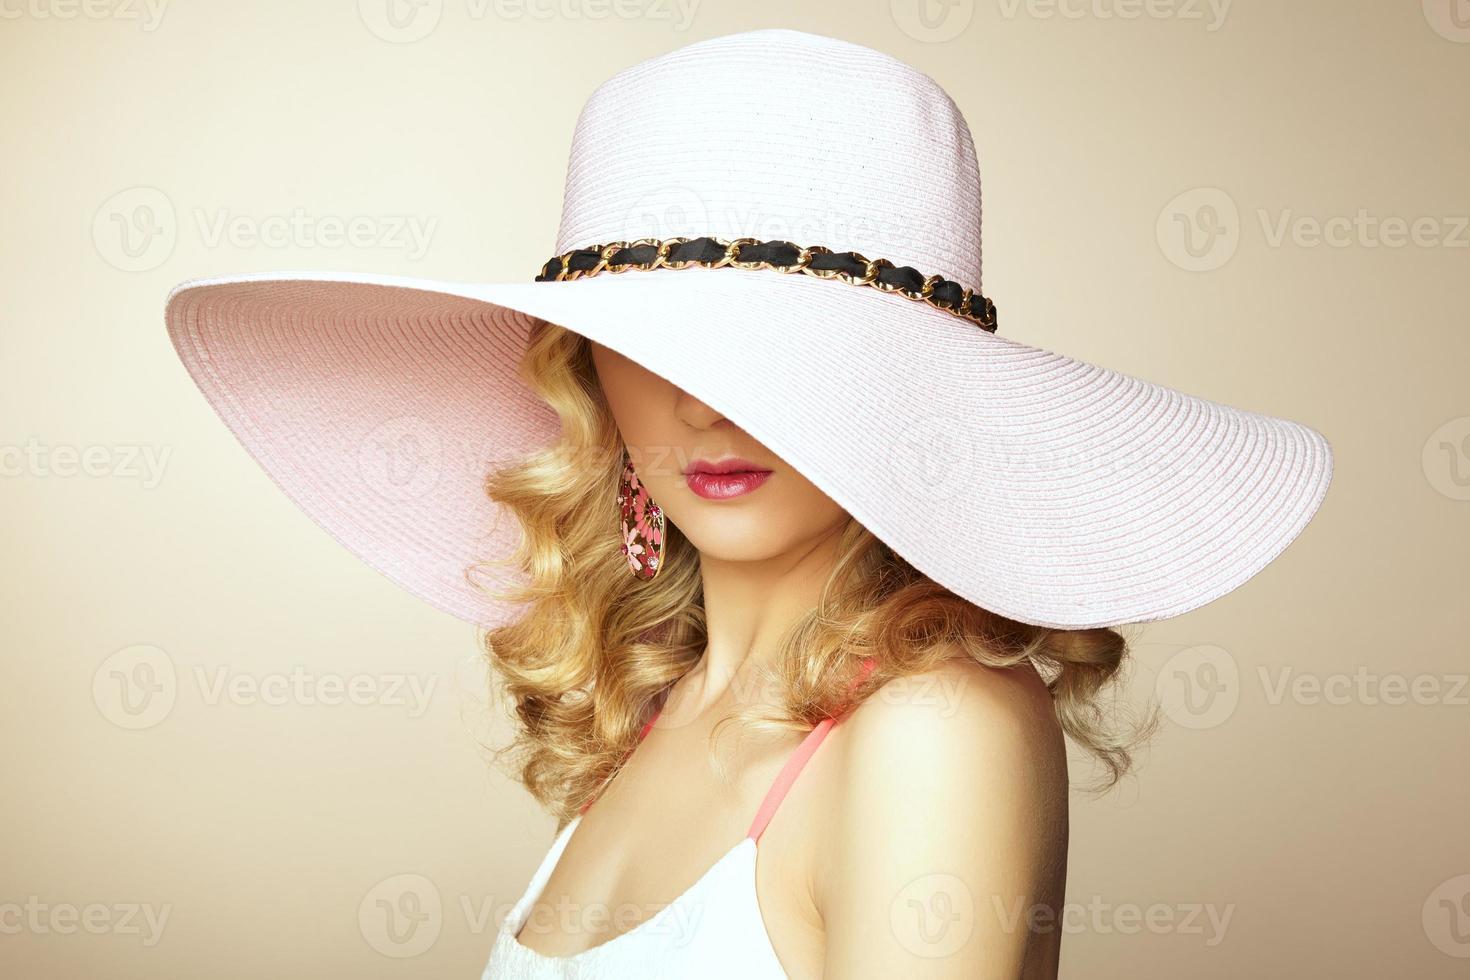 mode foto van jonge prachtige vrouw in hoed. meisje poseren